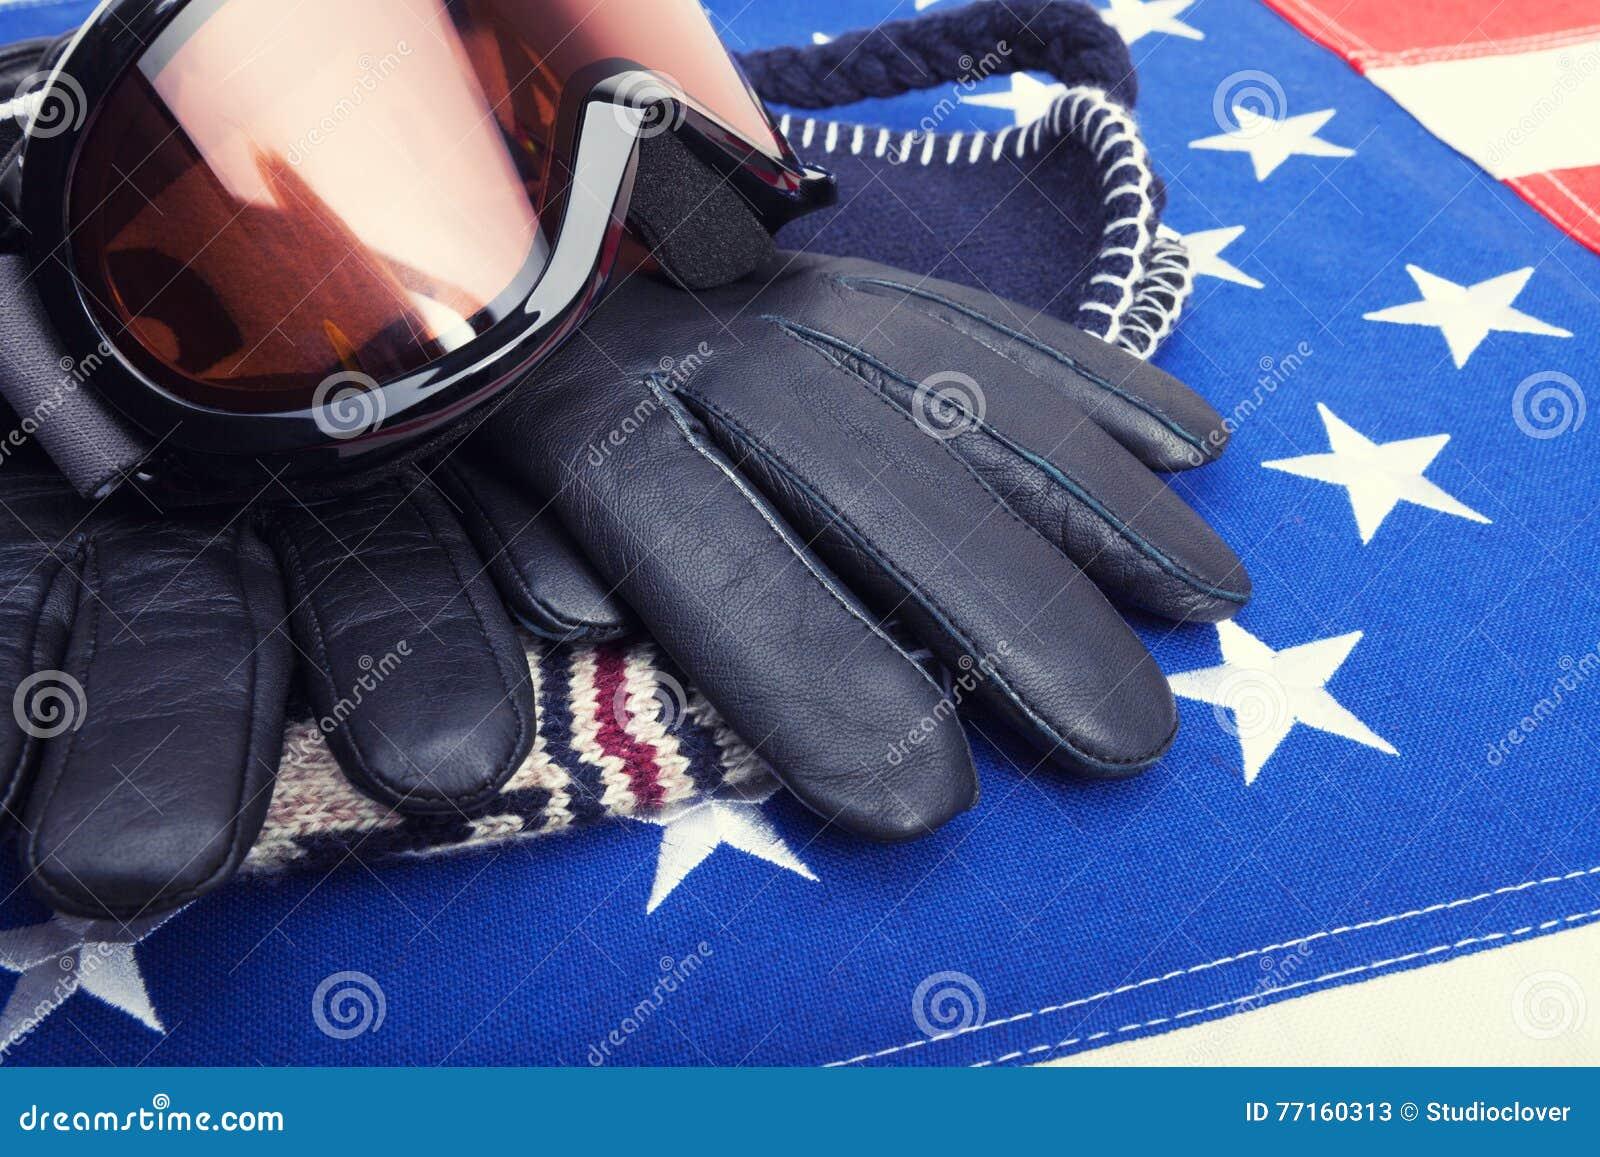 Lunettes et gants de ski au-dessus de drapeau des Etats-Unis - tir de studio